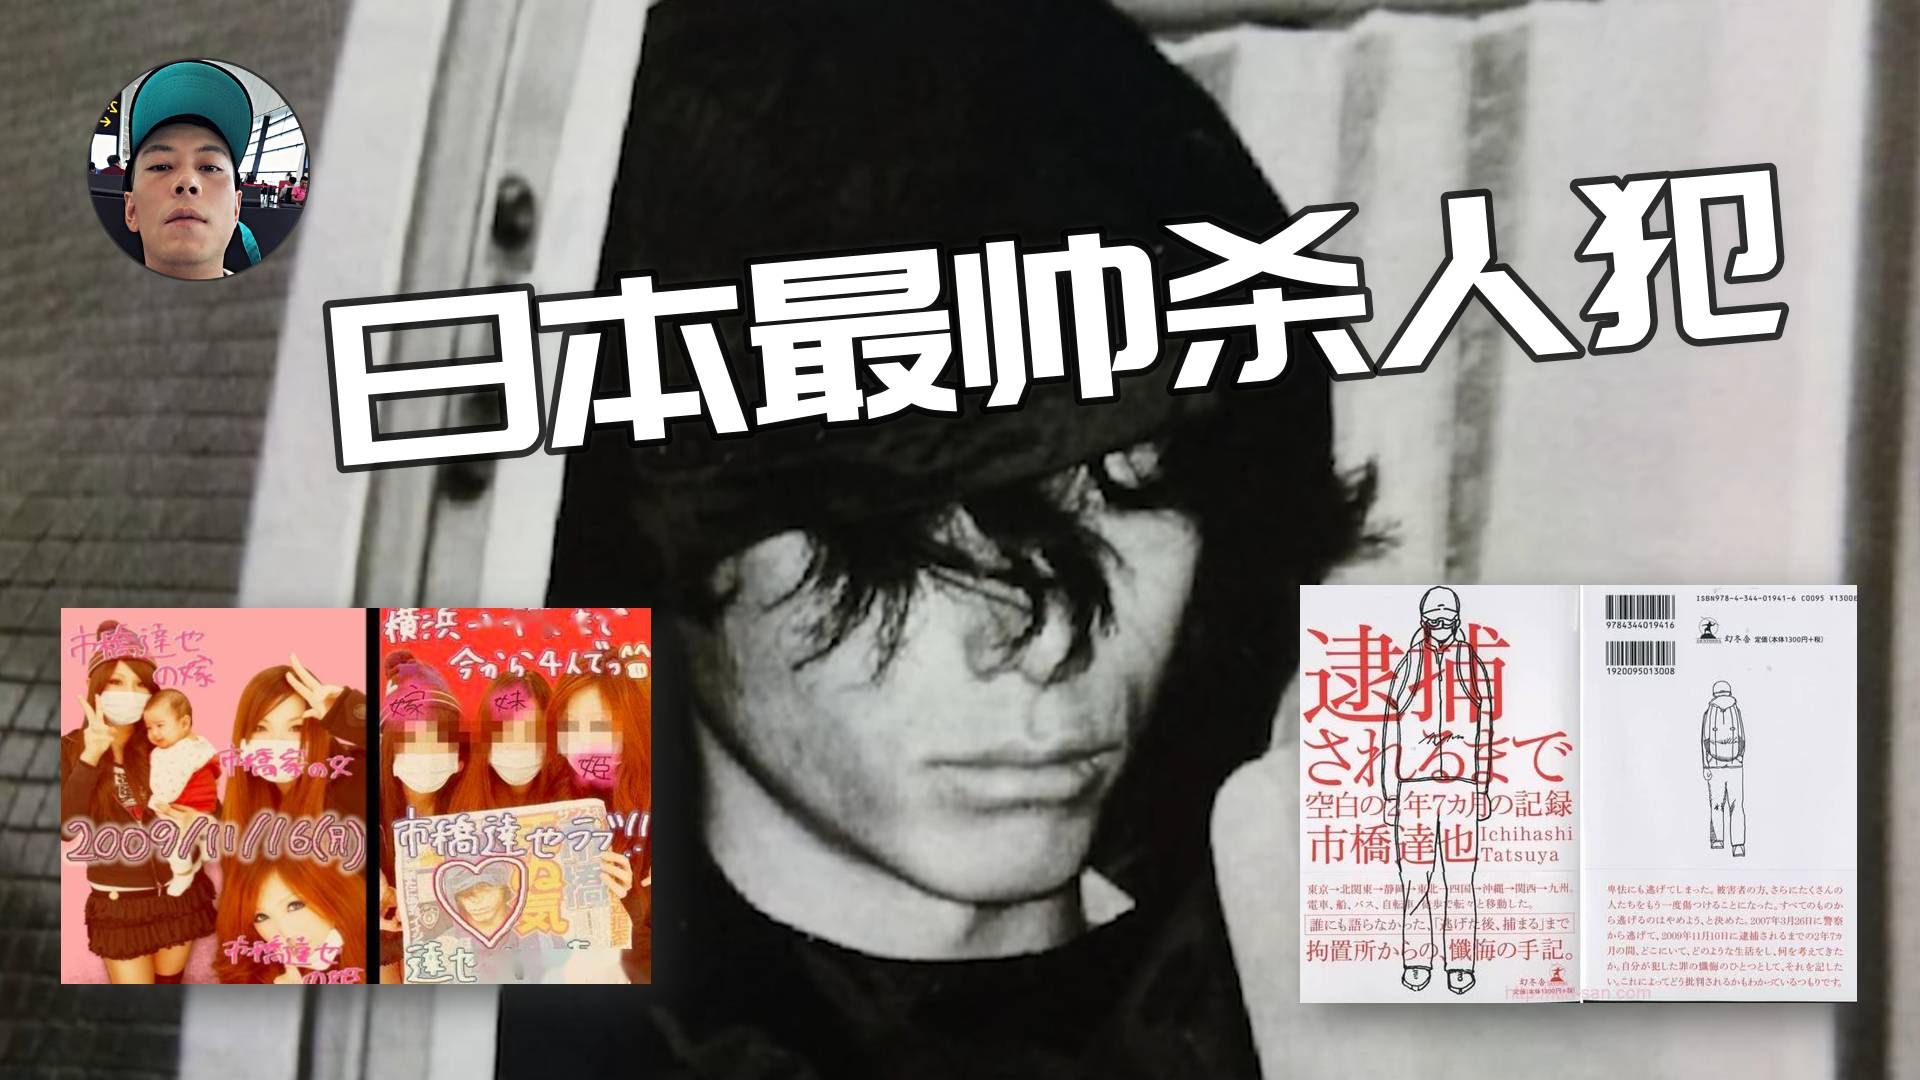 日本最帅凶犯,庭外应援粉为其求情,逃亡期出书赚1000万版税